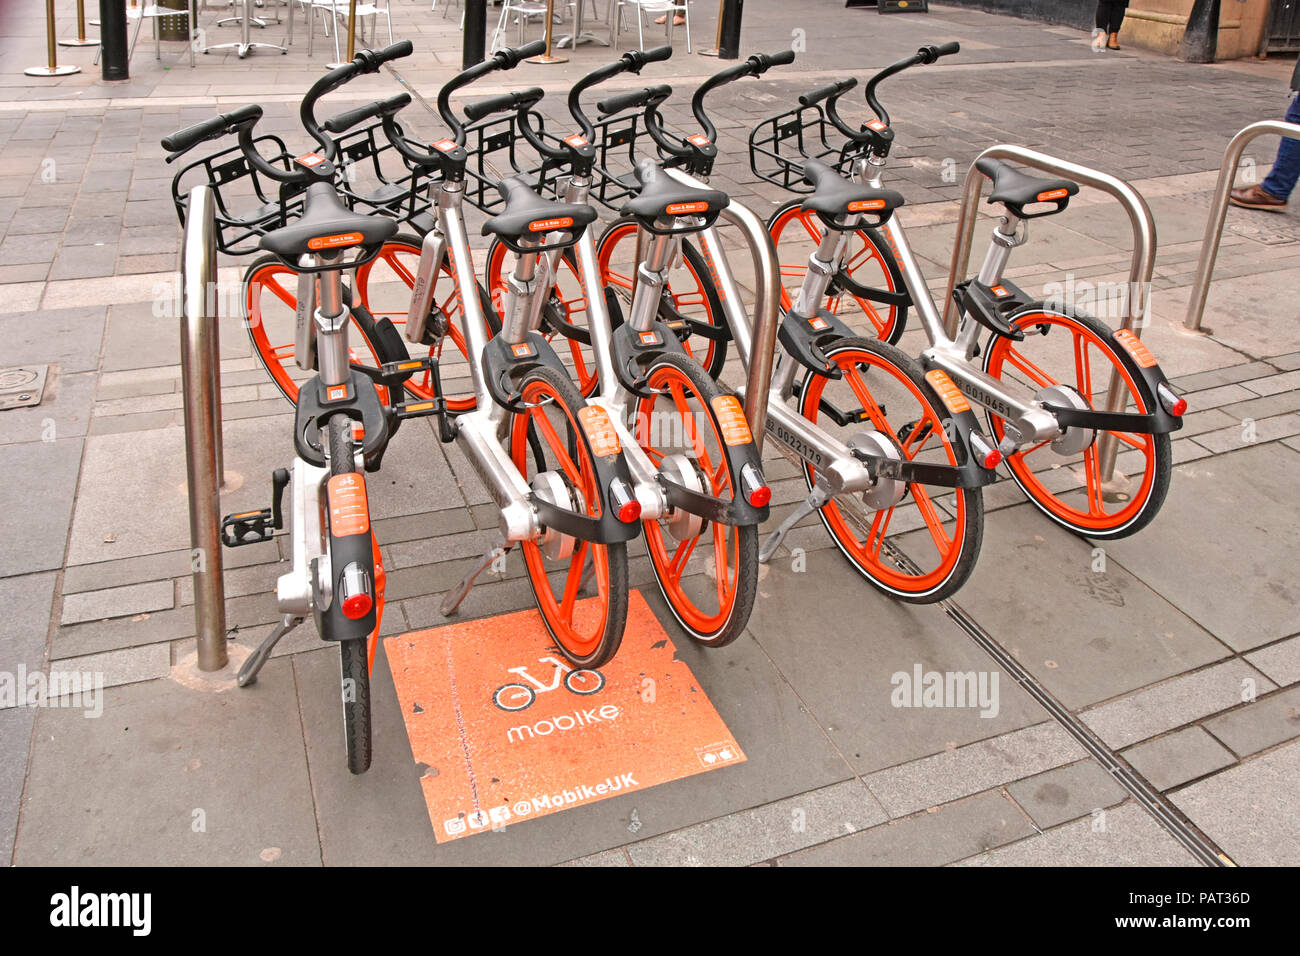 En dehors de la Newcastle upon Tyne gare Mobike stationnement préférentiel pour cycle vélo location de vélos scheme contrôlé via apps pour téléphone & Internet UK Photo Stock